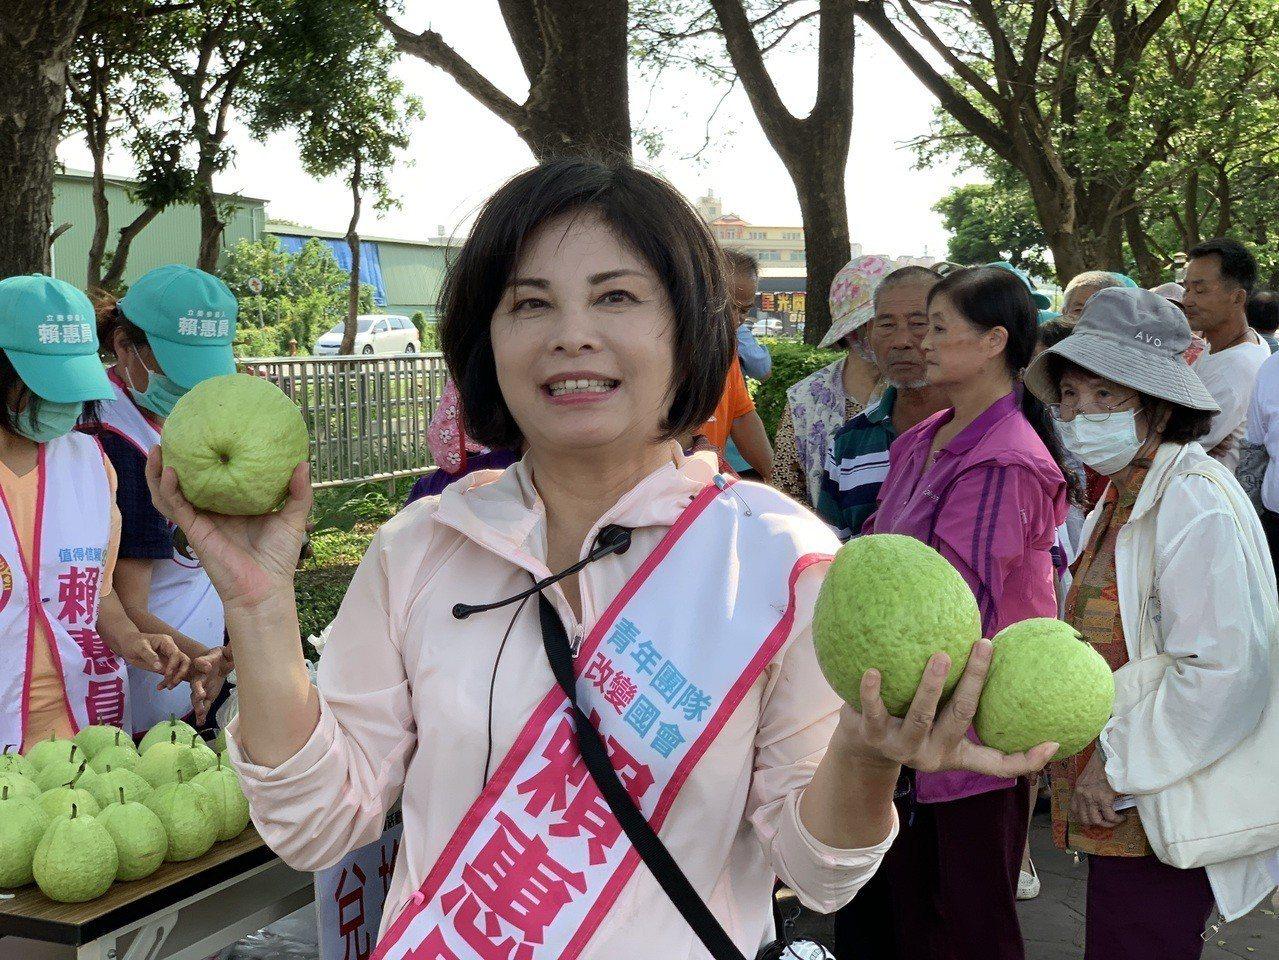 讓「芭樂價格不再芭樂」,投入立委初選的賴惠員義賣芭樂助農民。圖/賴惠員服務處提供